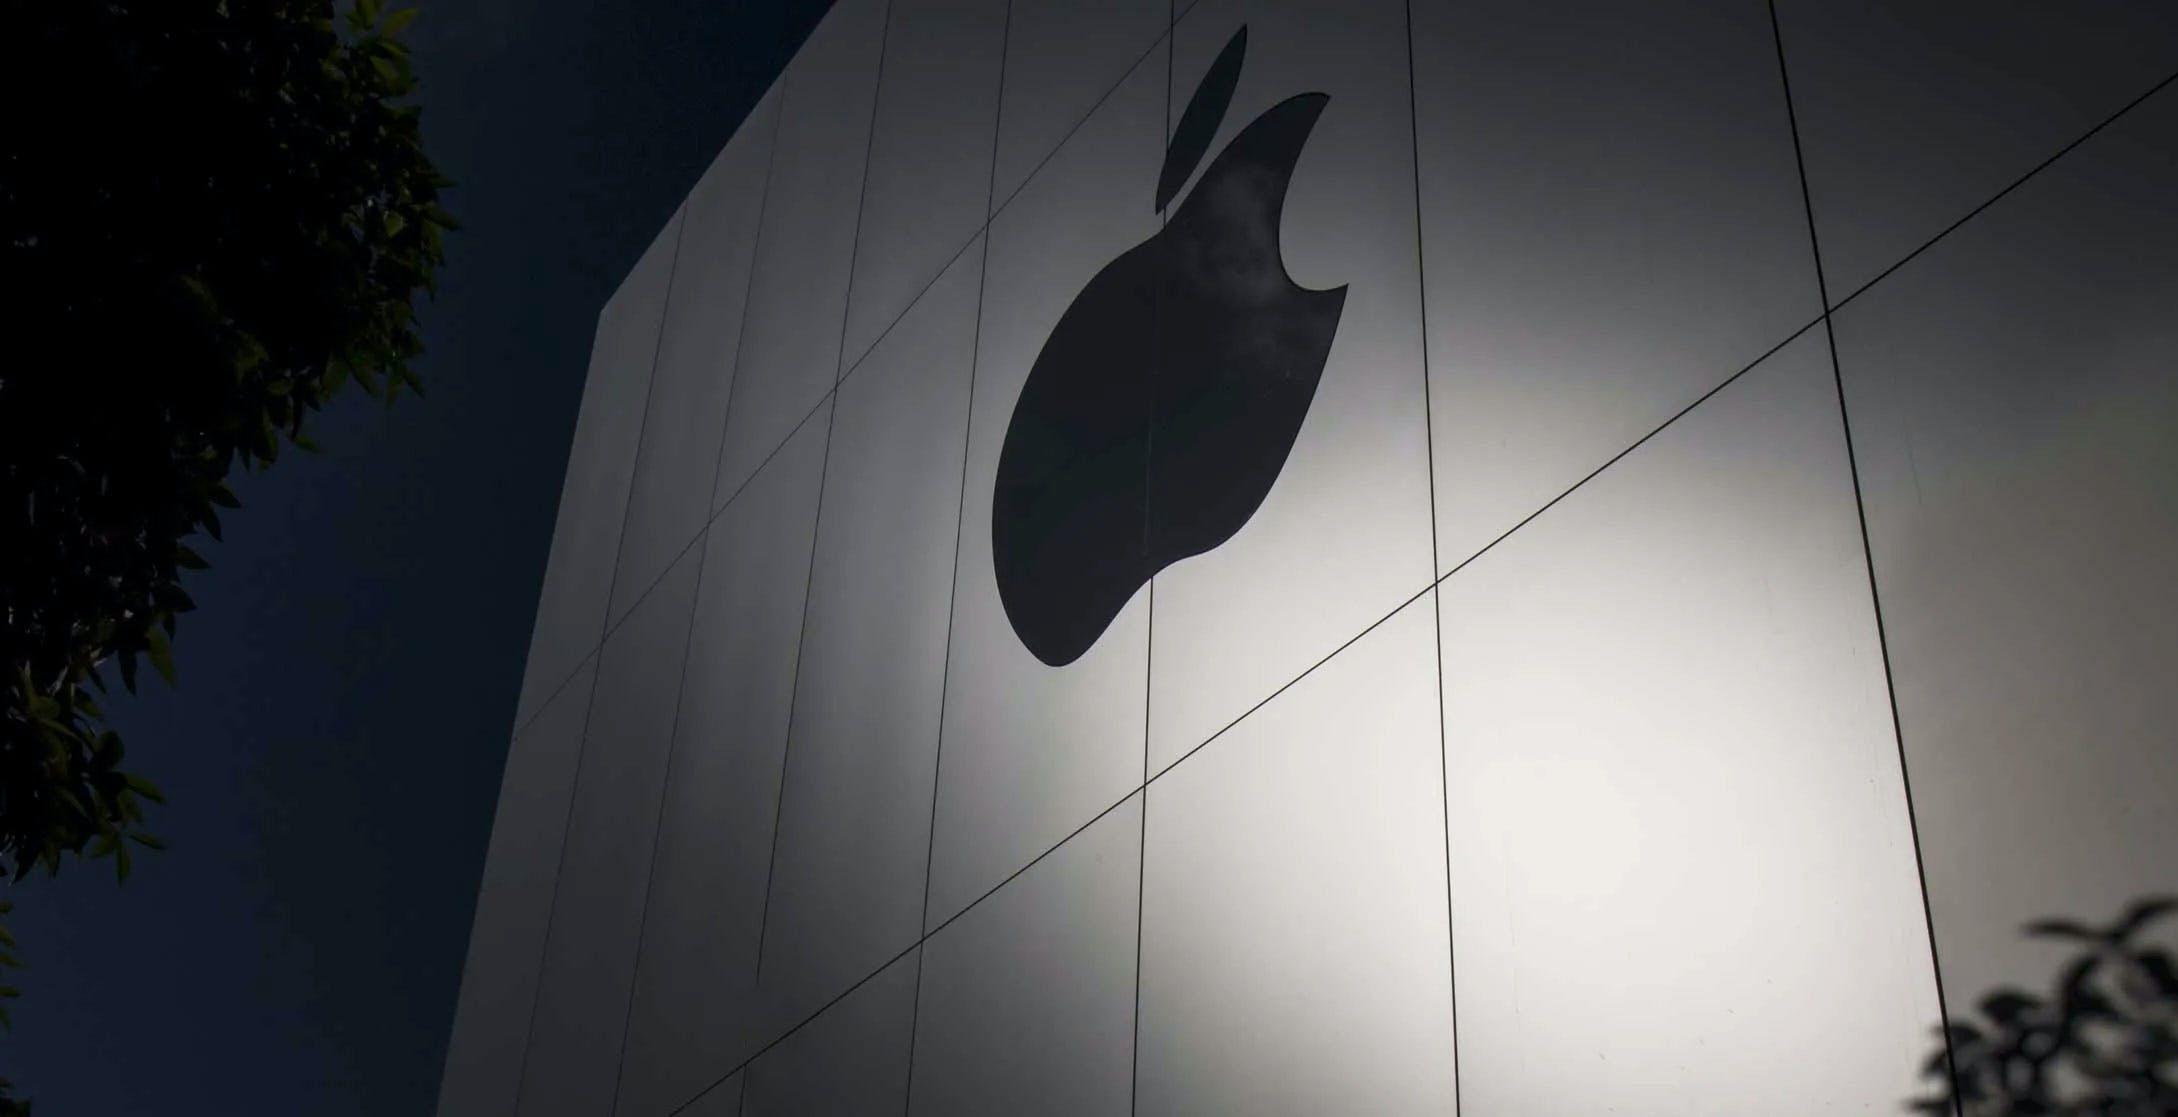 Aggiornare subito iPhone, iPad, Mac e Watch: Apple ha chiuso una falla molto seria